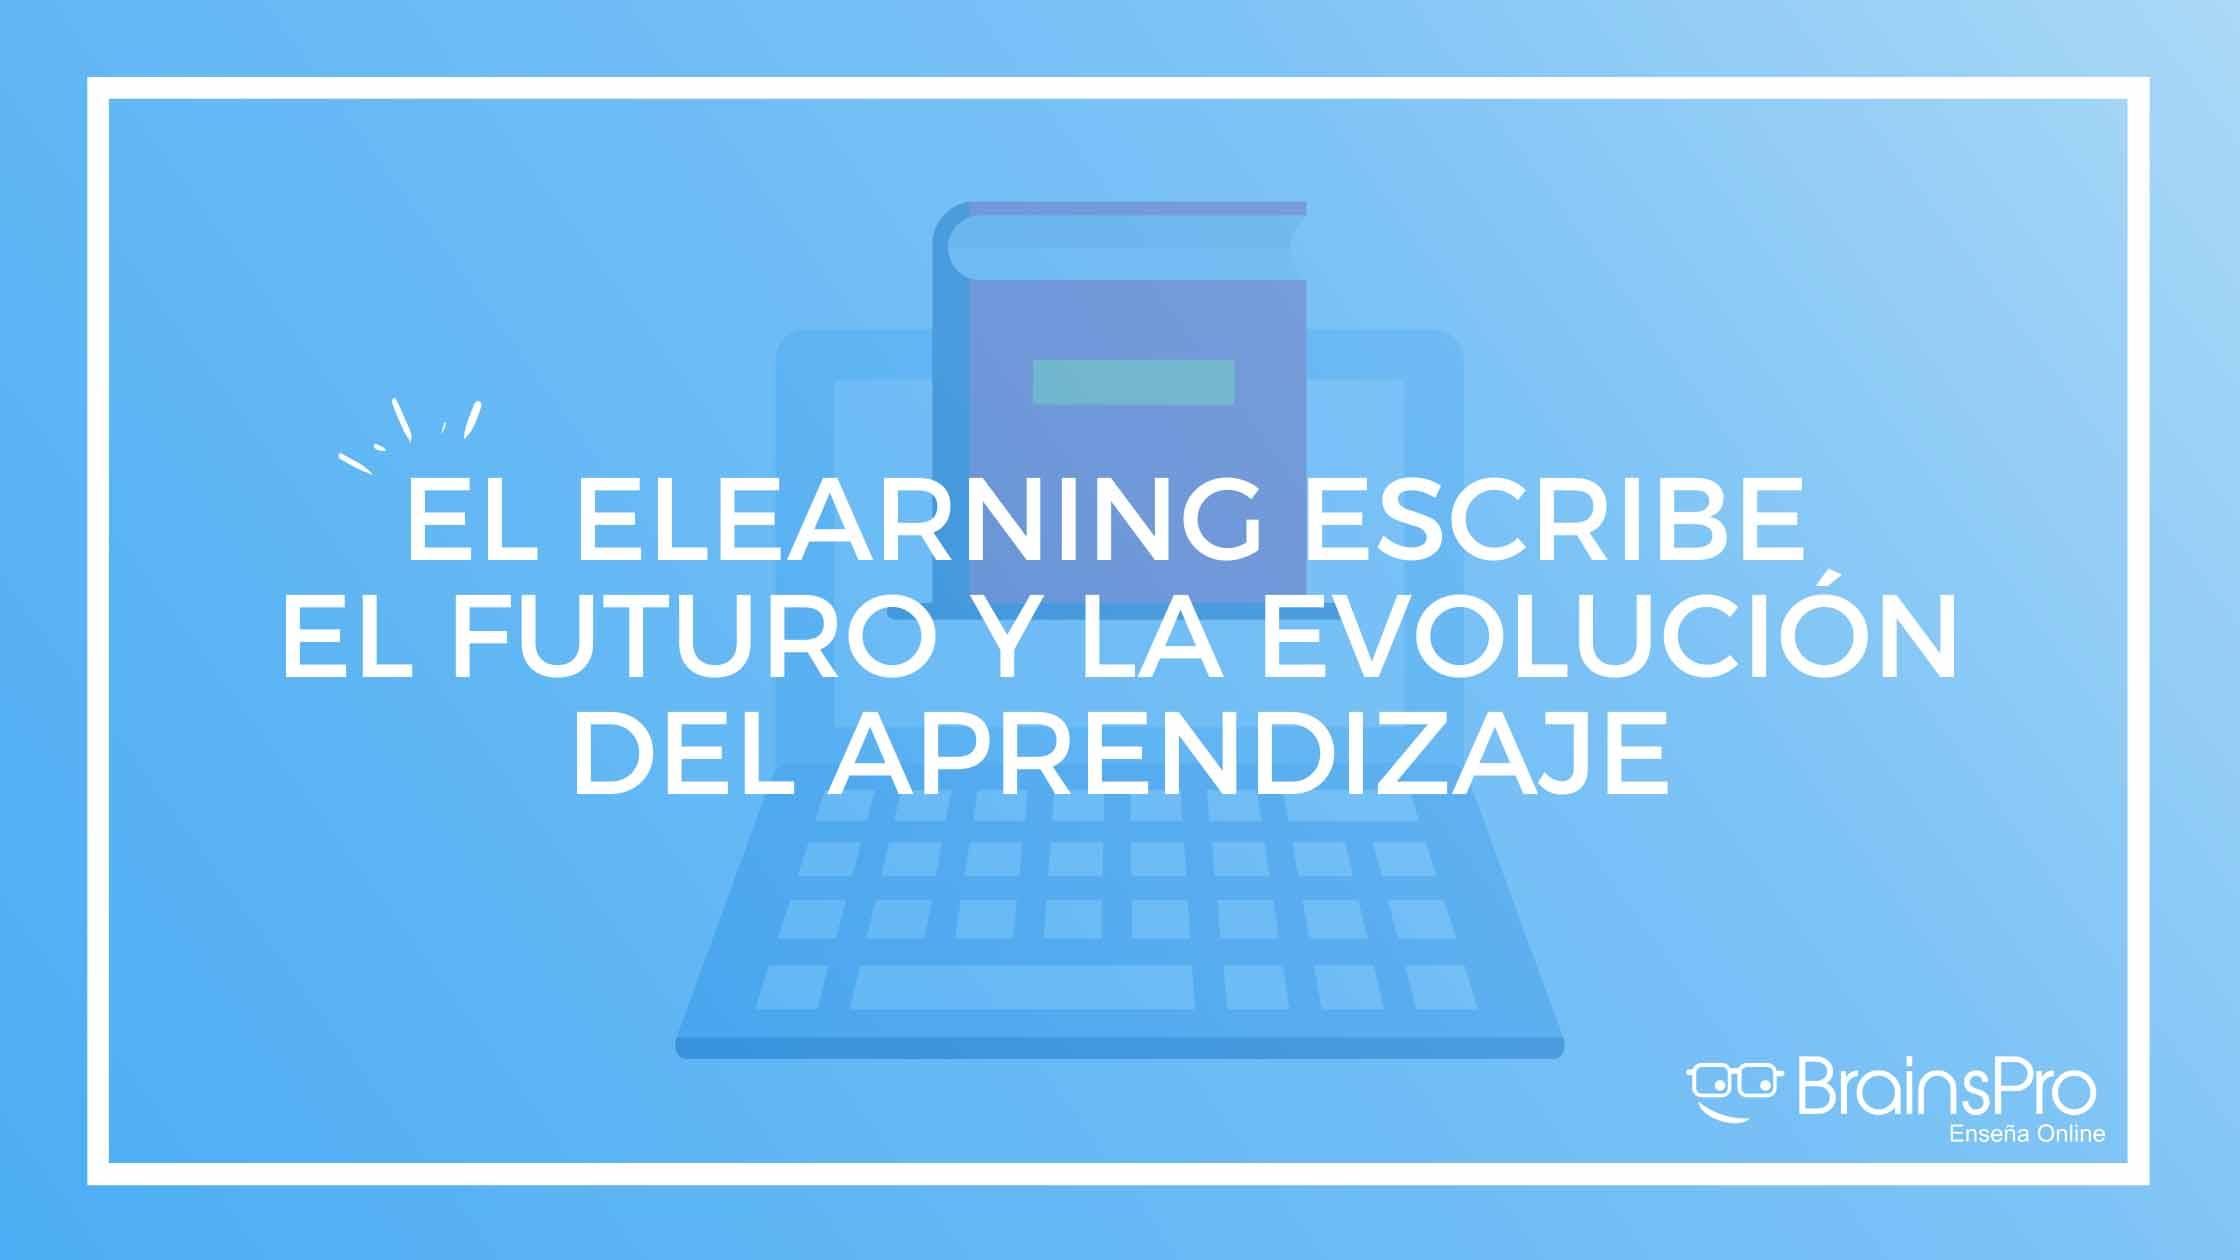 El elearning es el futuro de la educación